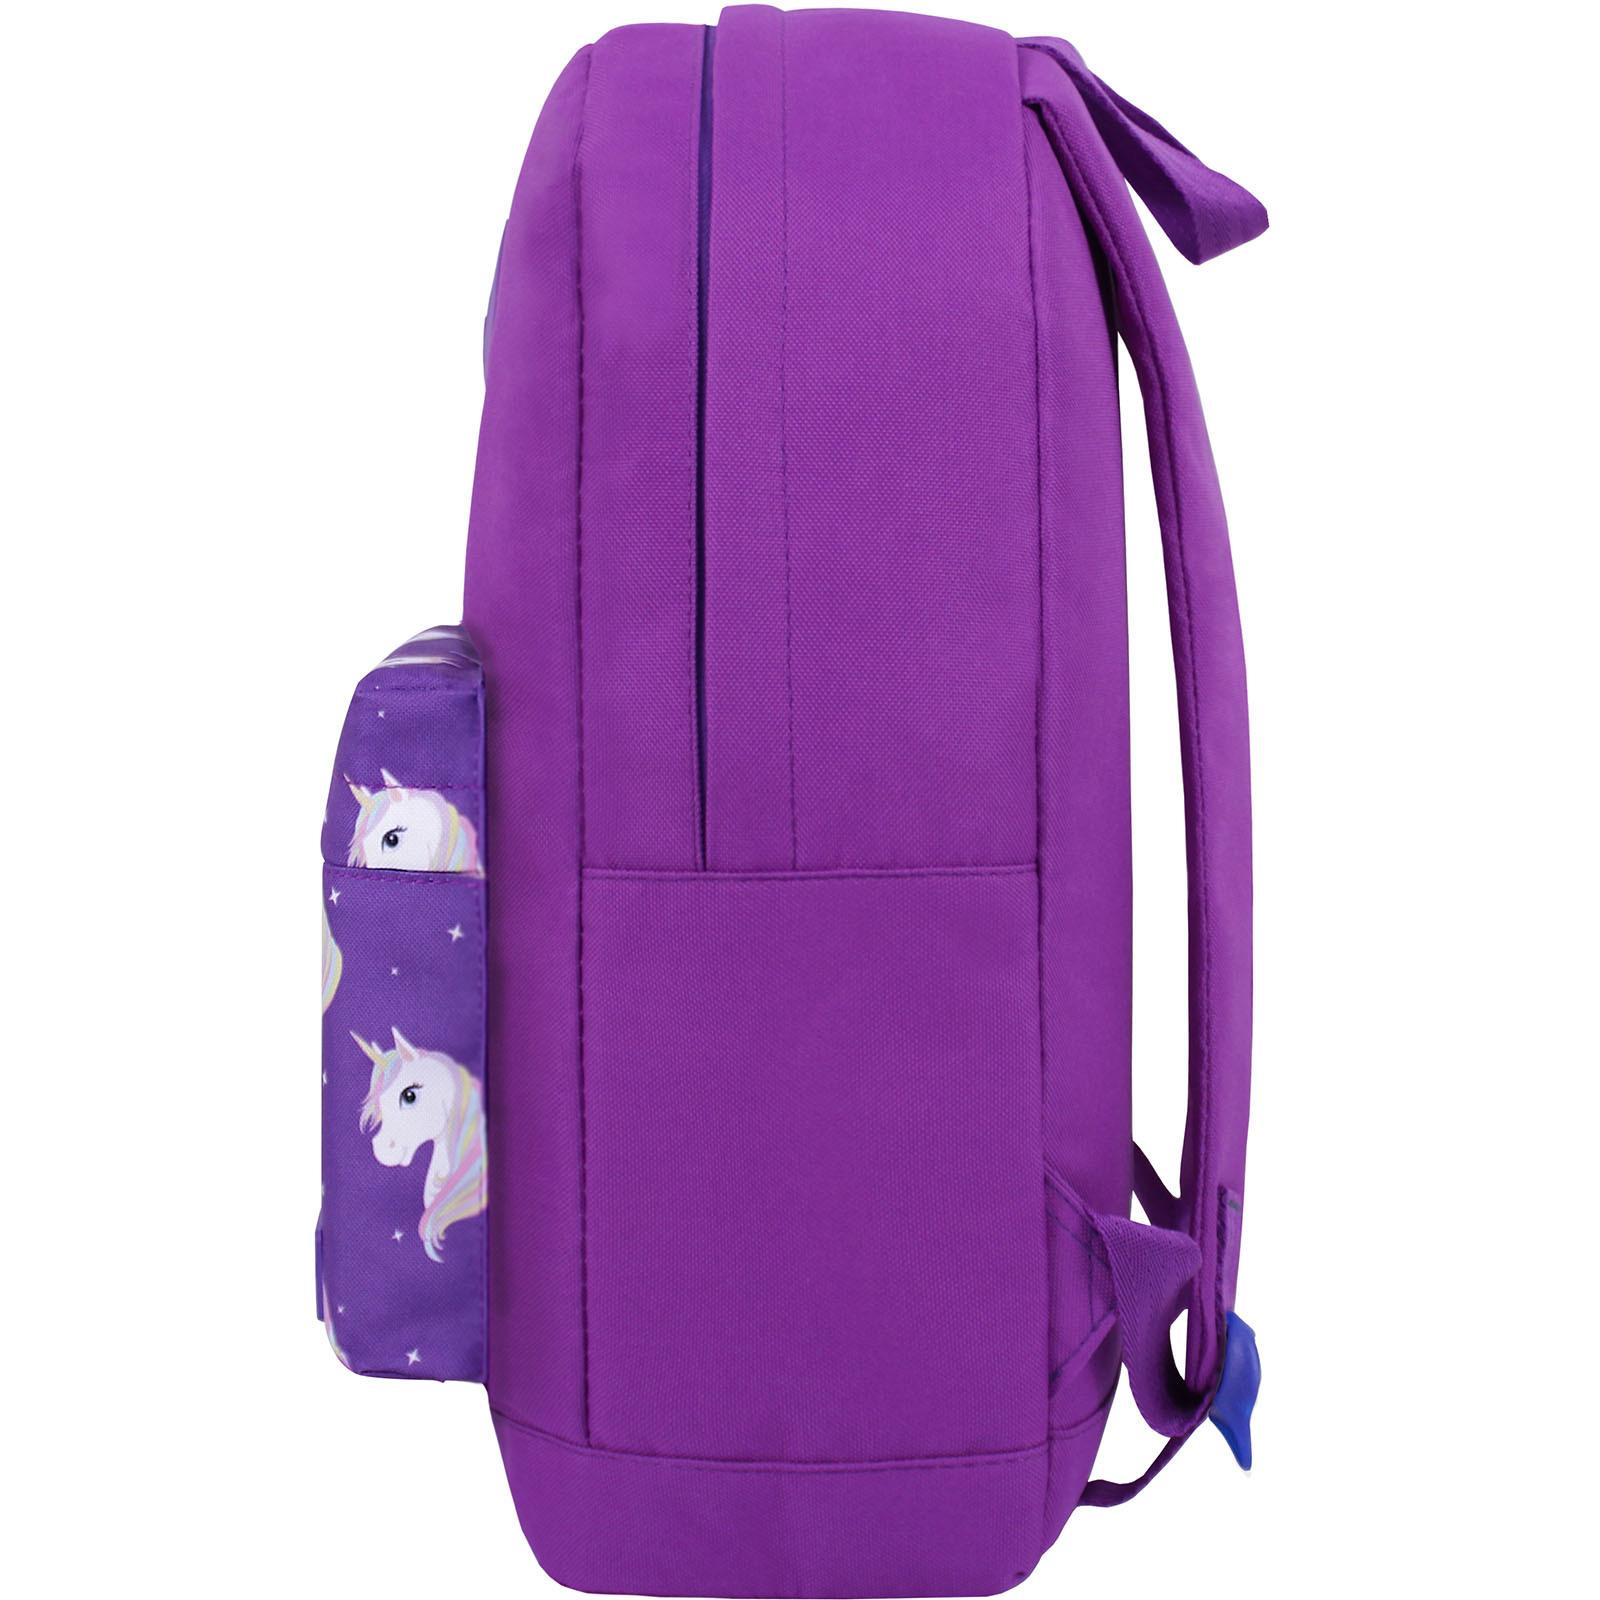 Рюкзак Bagland Молодежный W/R 17 л. 170 Фиолетовый 747 (00533662) фото 3